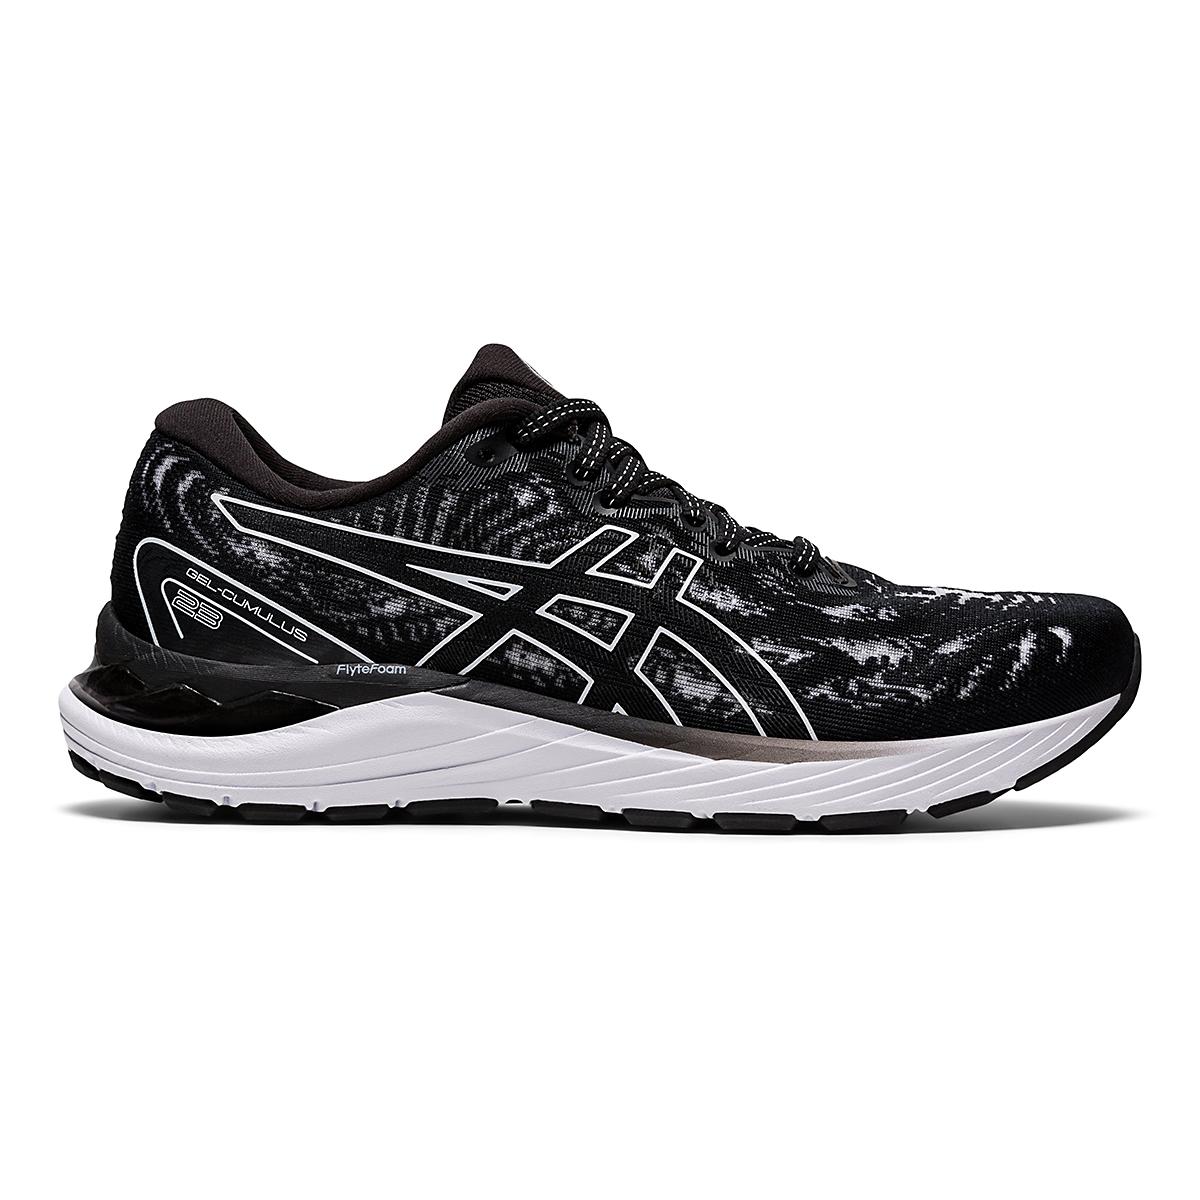 Women's Asics Gel-Cumulus 23 Running Shoe - Color: Black/White - Size: 5 - Width: Regular, Black/White, large, image 1